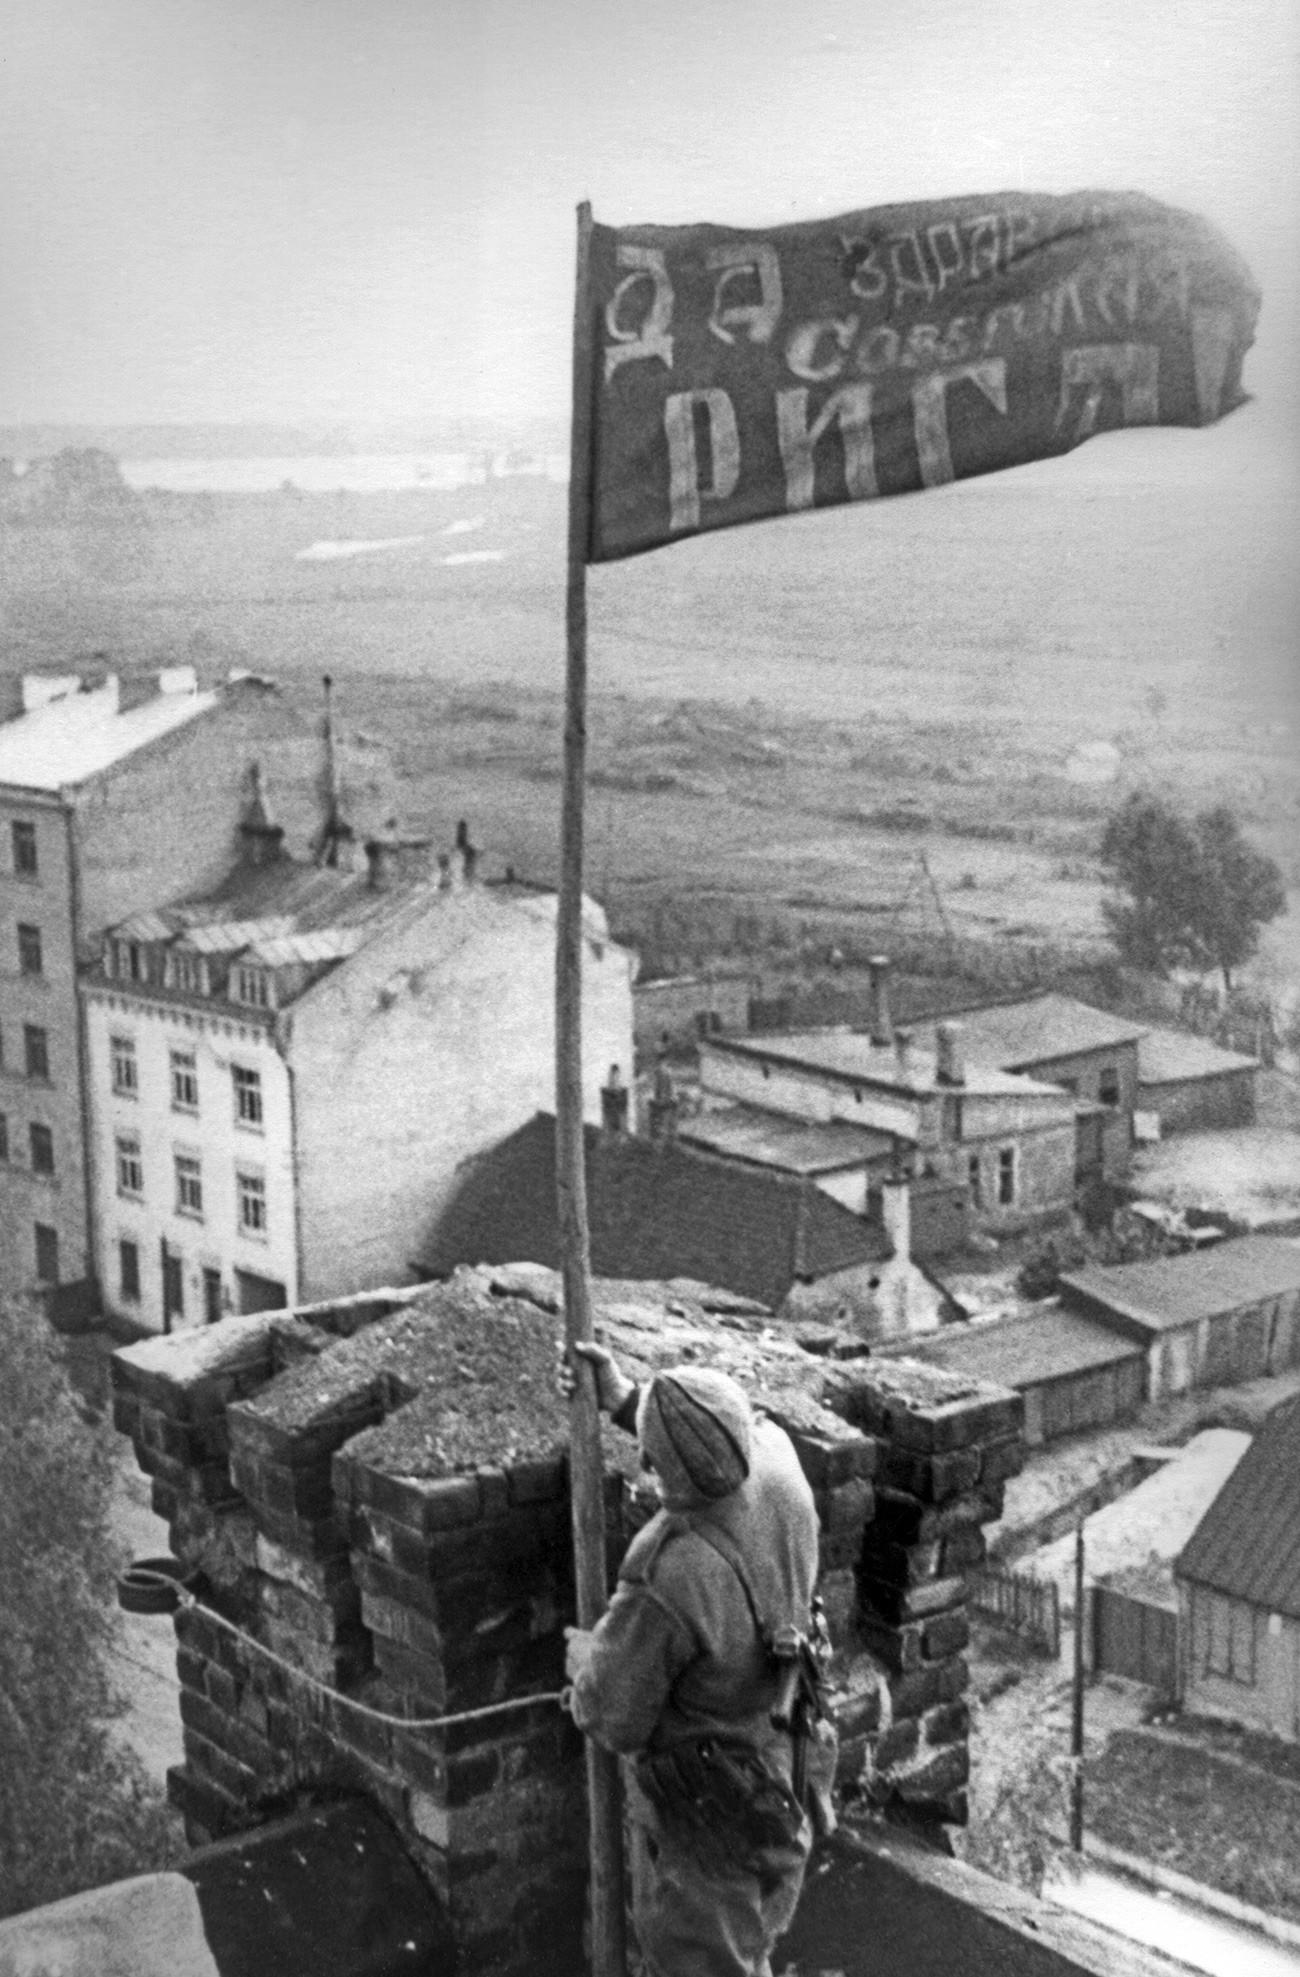 Летонска Совјетска Социјалистичка Република. Рига. Постављање црвене заставе после ослобођења града од немачко-нацистичке окупације.